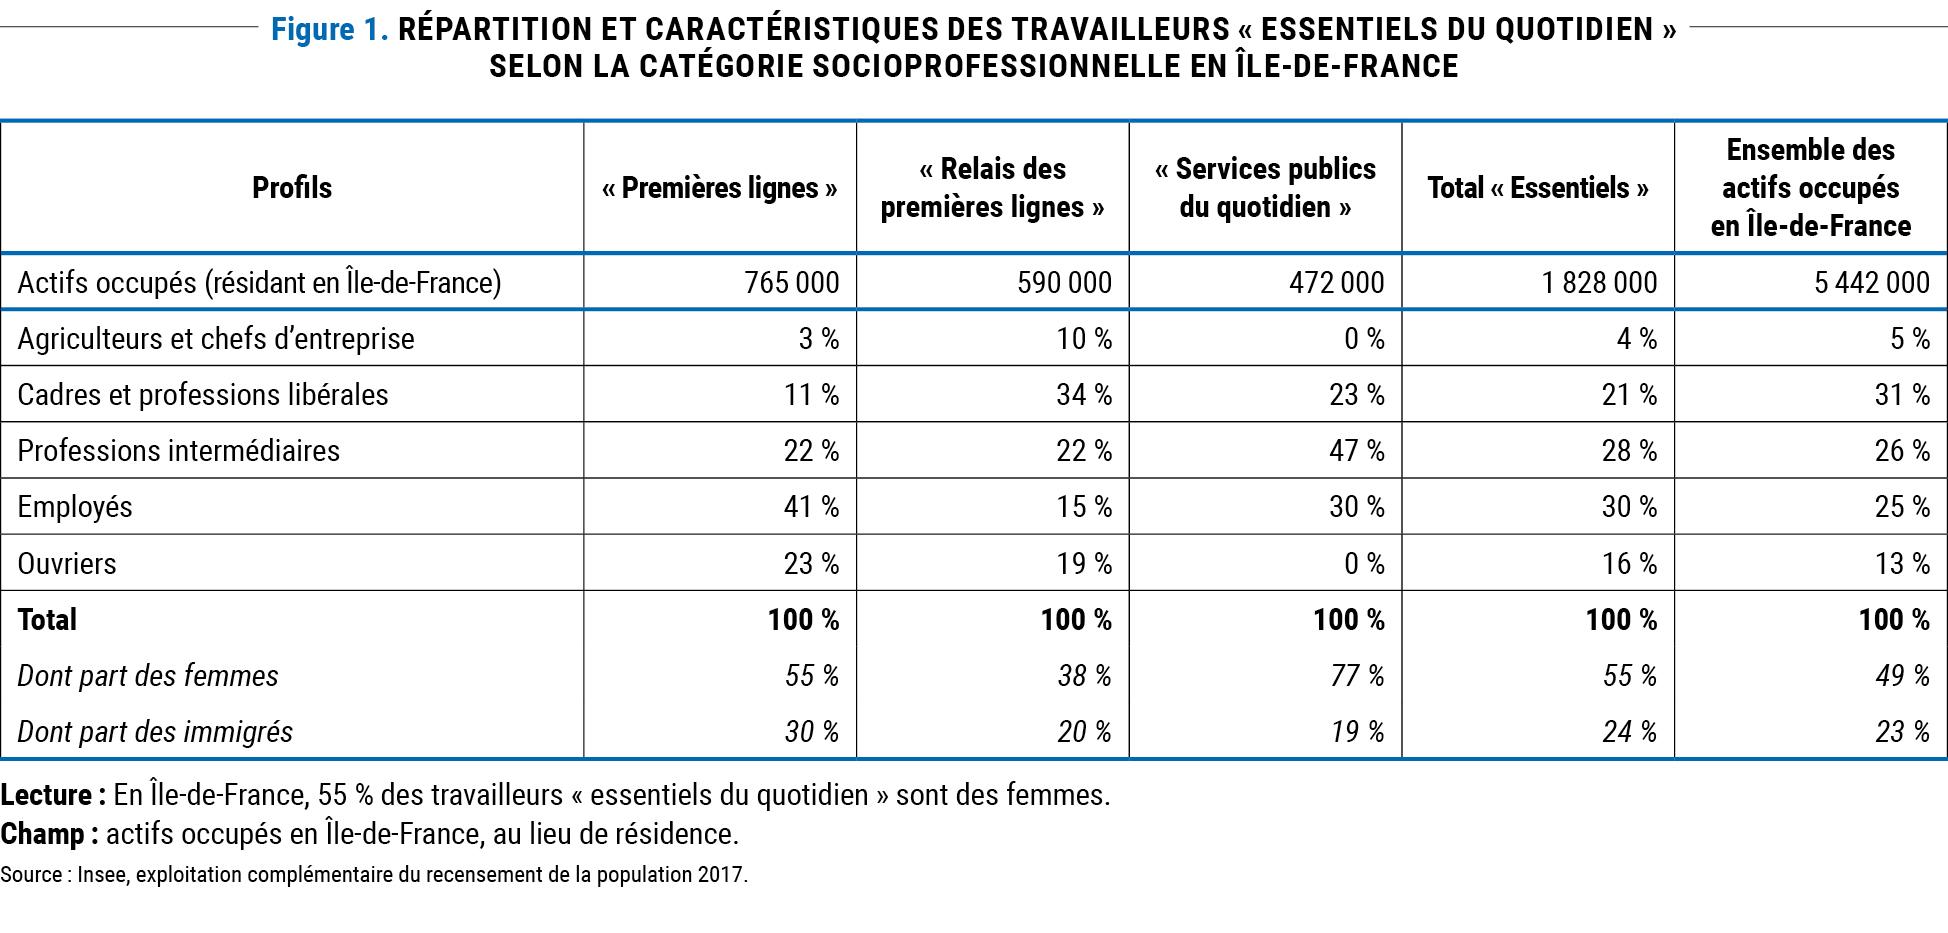 Figure 1 - Répartition et caractéristiques des travailleurs « essentiels du quotidien » selon la catégorie socioprofessionnelle en Île-de-France © Apur